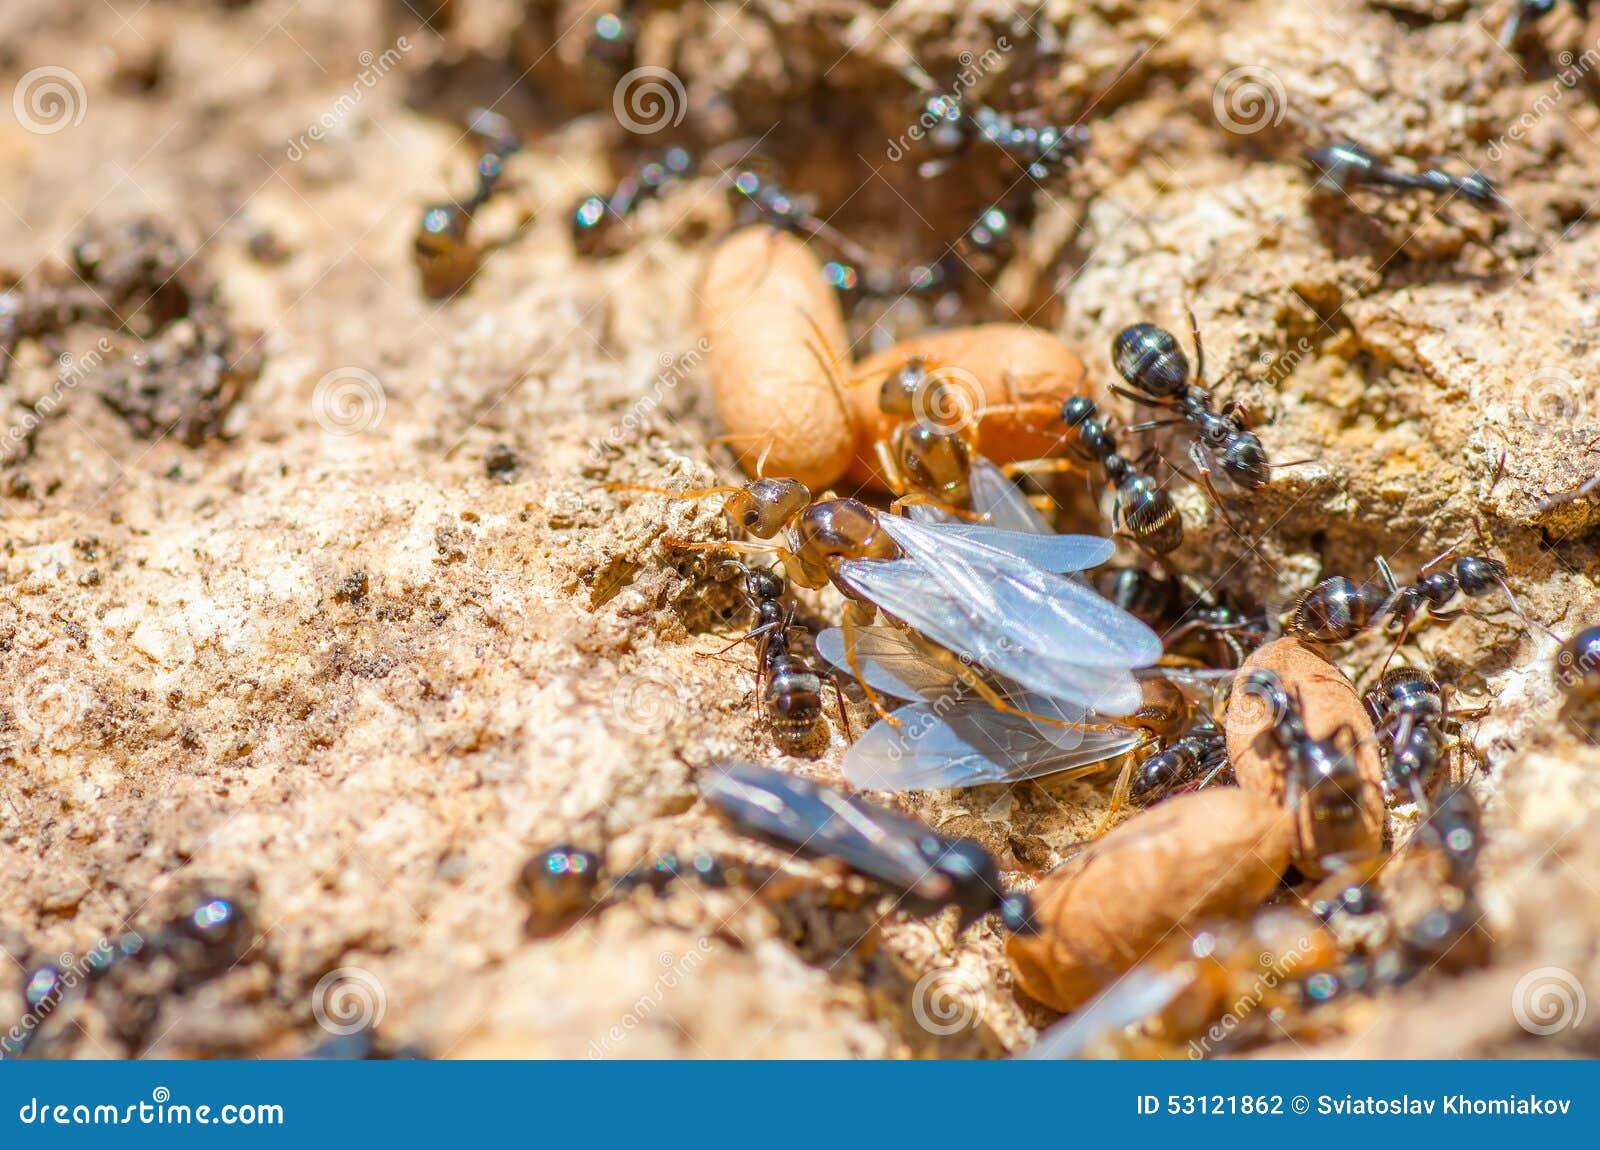 fourmi de reine rousse avec la fourmili re de ressort lame d 39 ailes photo stock image 53121862. Black Bedroom Furniture Sets. Home Design Ideas